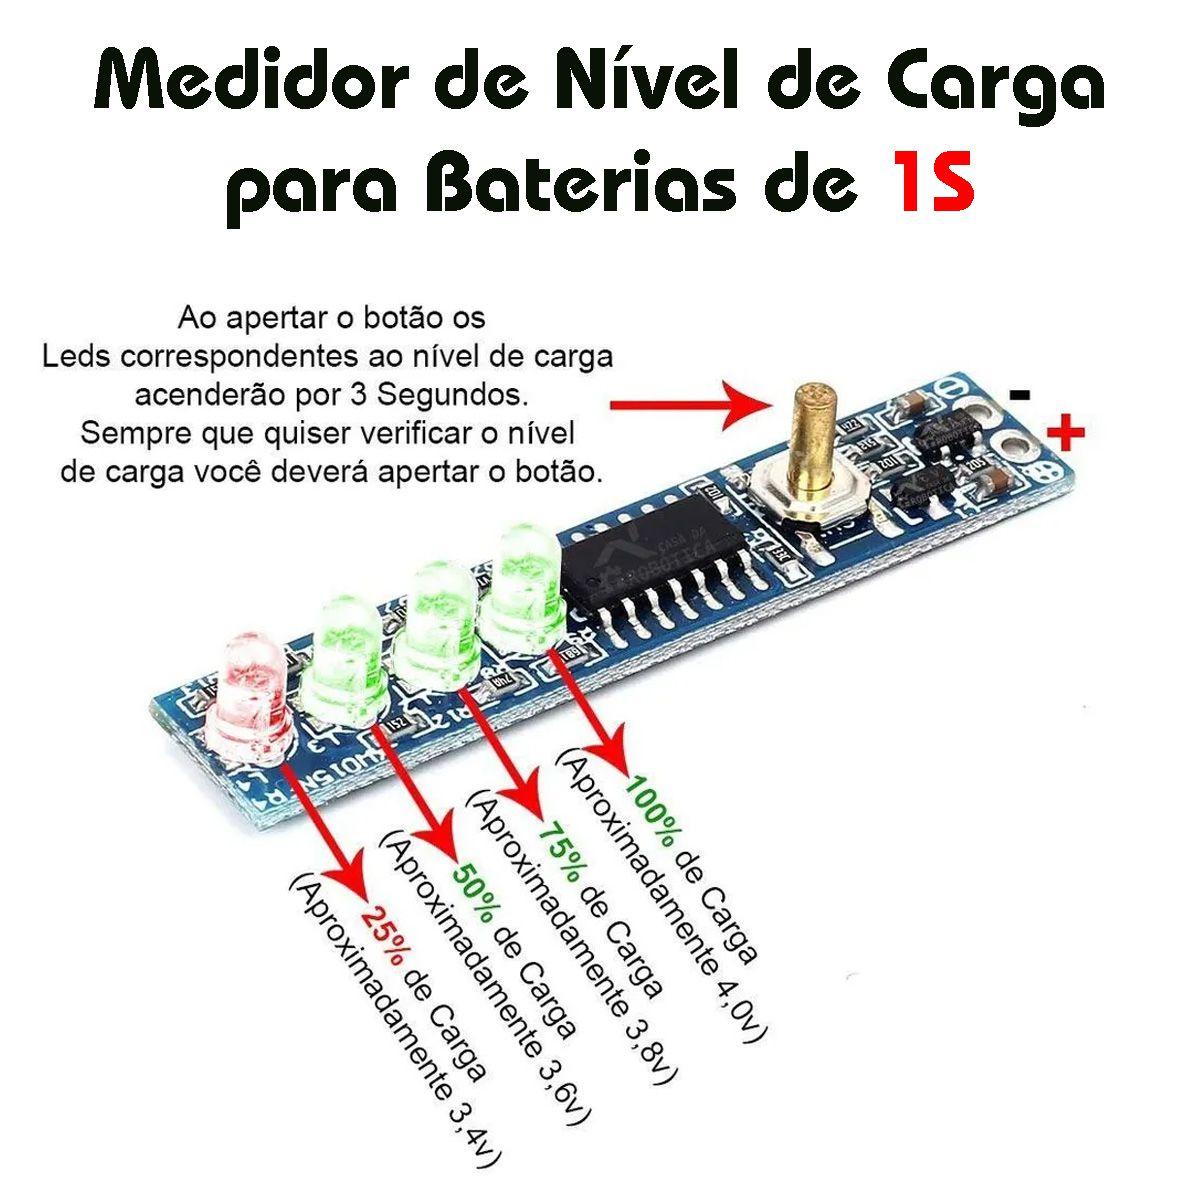 2x Voltímetro Indicador de Nível de Carga para Baterias 1S 4,2V